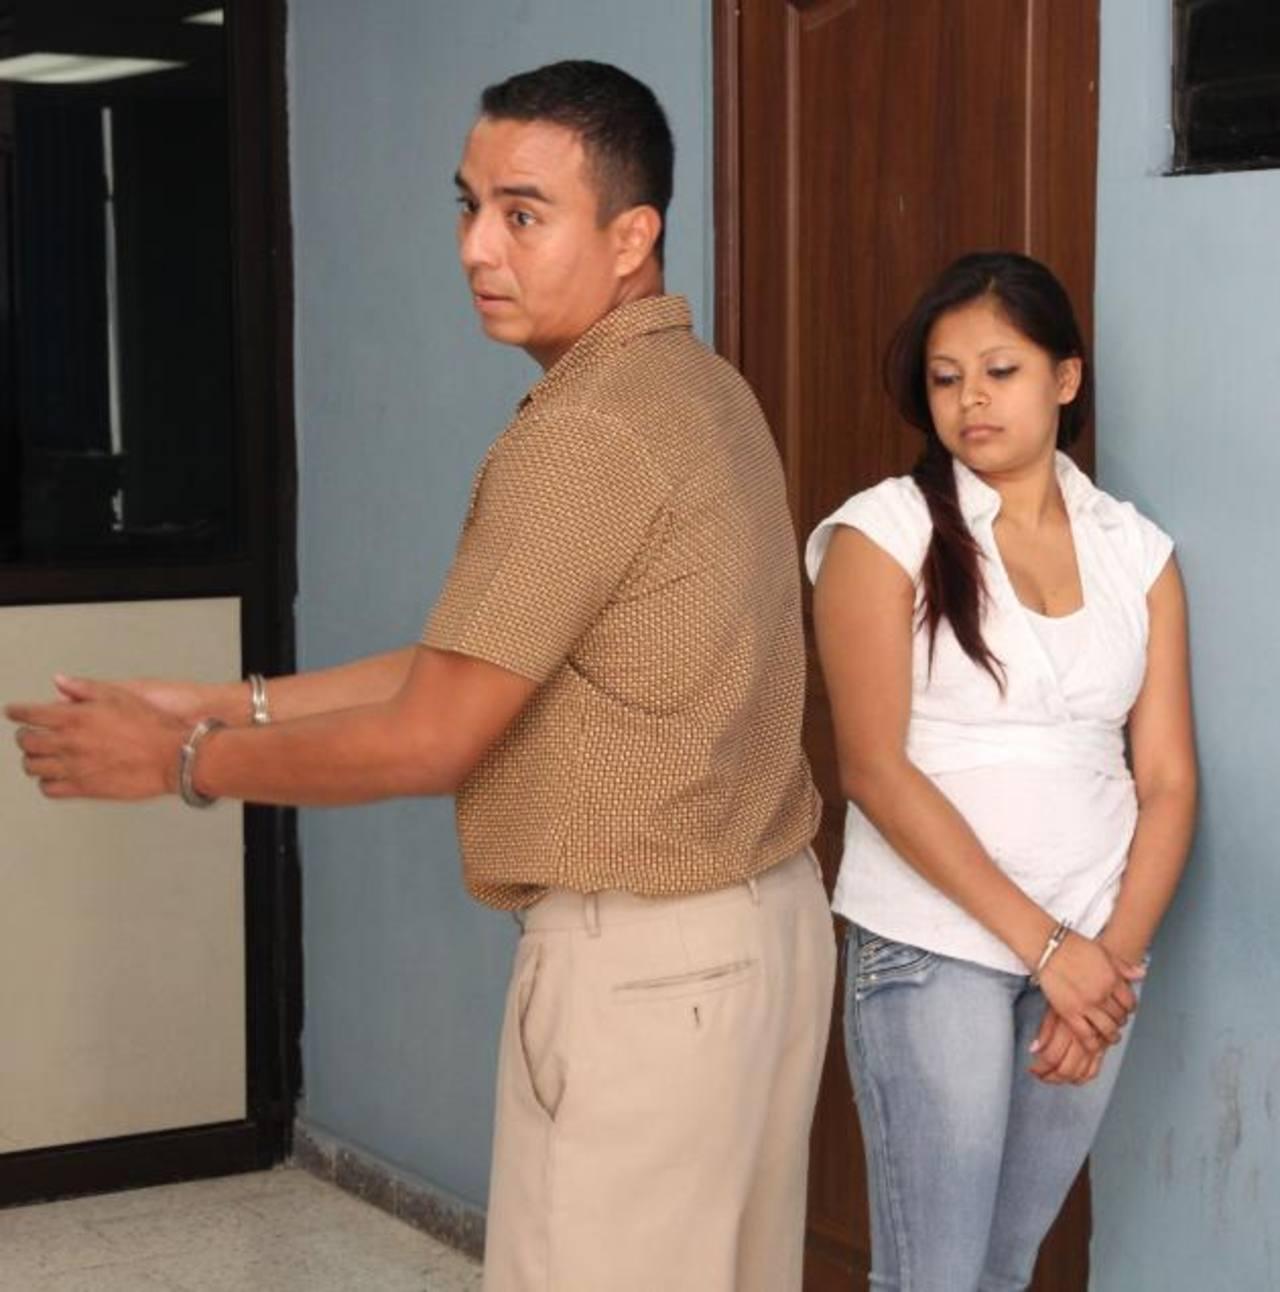 Salvador Moisés Callejas y Wendy Pérez serán enjuiciados por el delito de receptación. Foto EDH / Cortesía Juzgados.